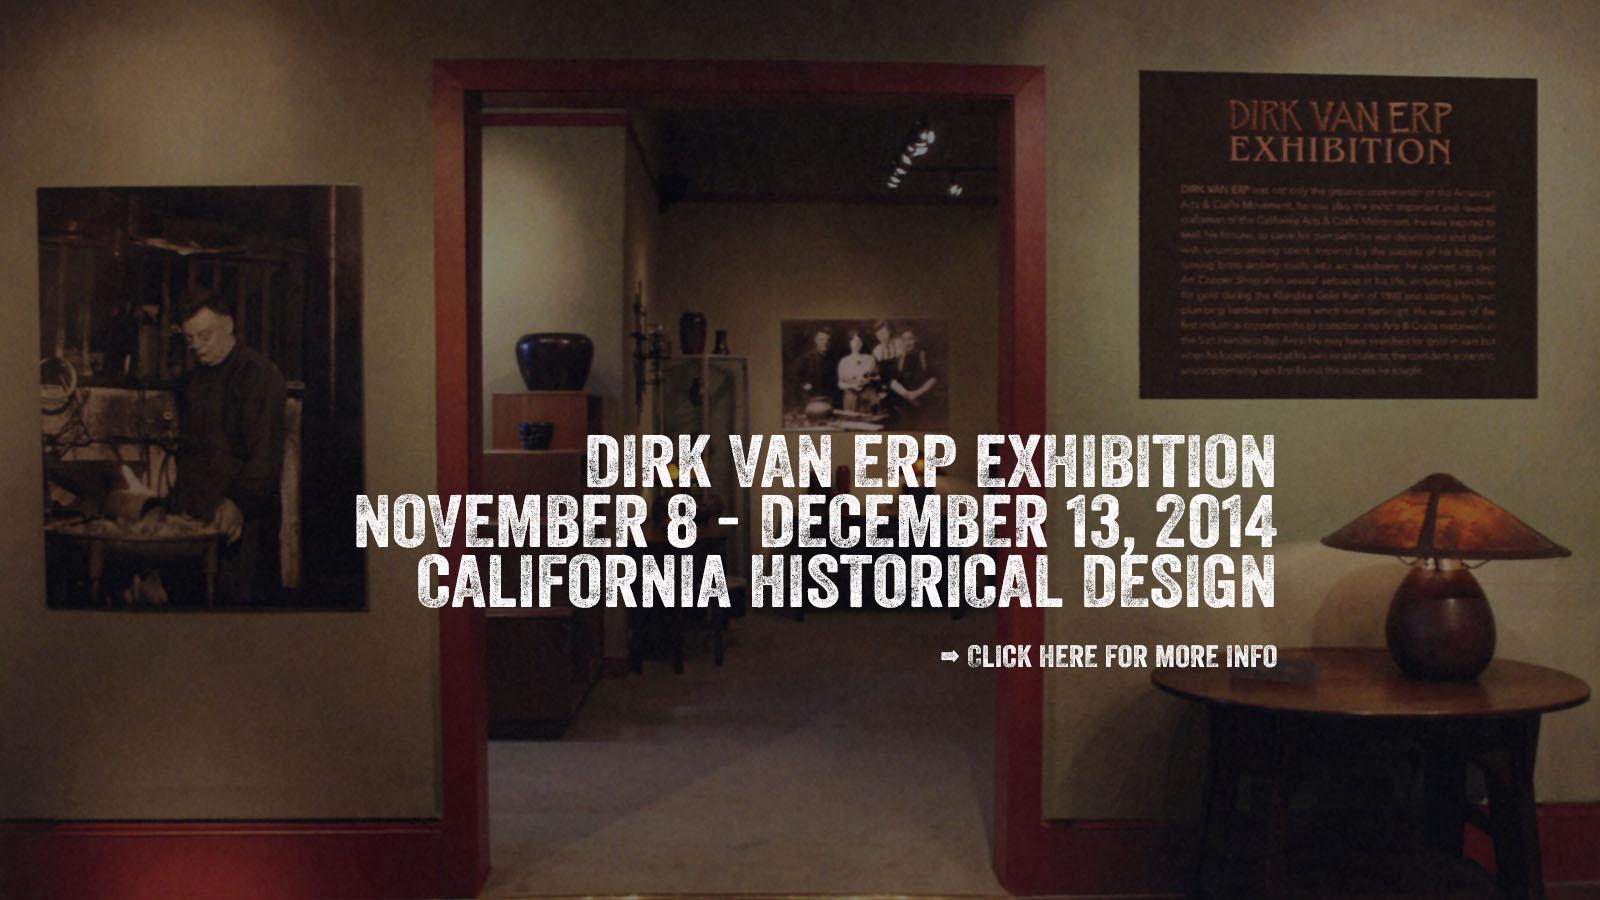 The Dirk Van Erp Exhibition